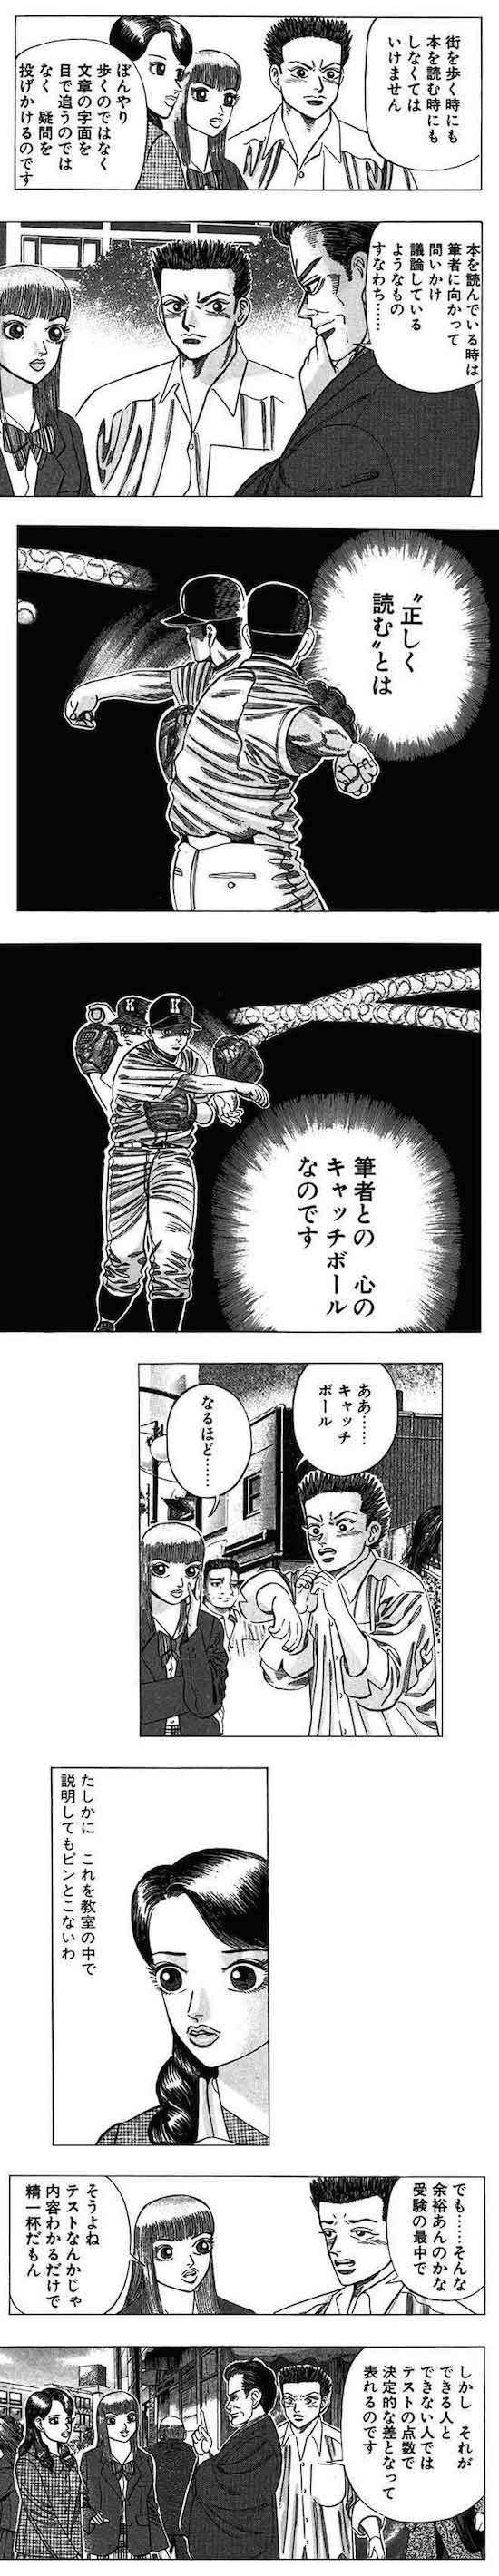 ドラゴン桜勉強法⑦ 読解力とは筆者とのキャッチボール!編 ...